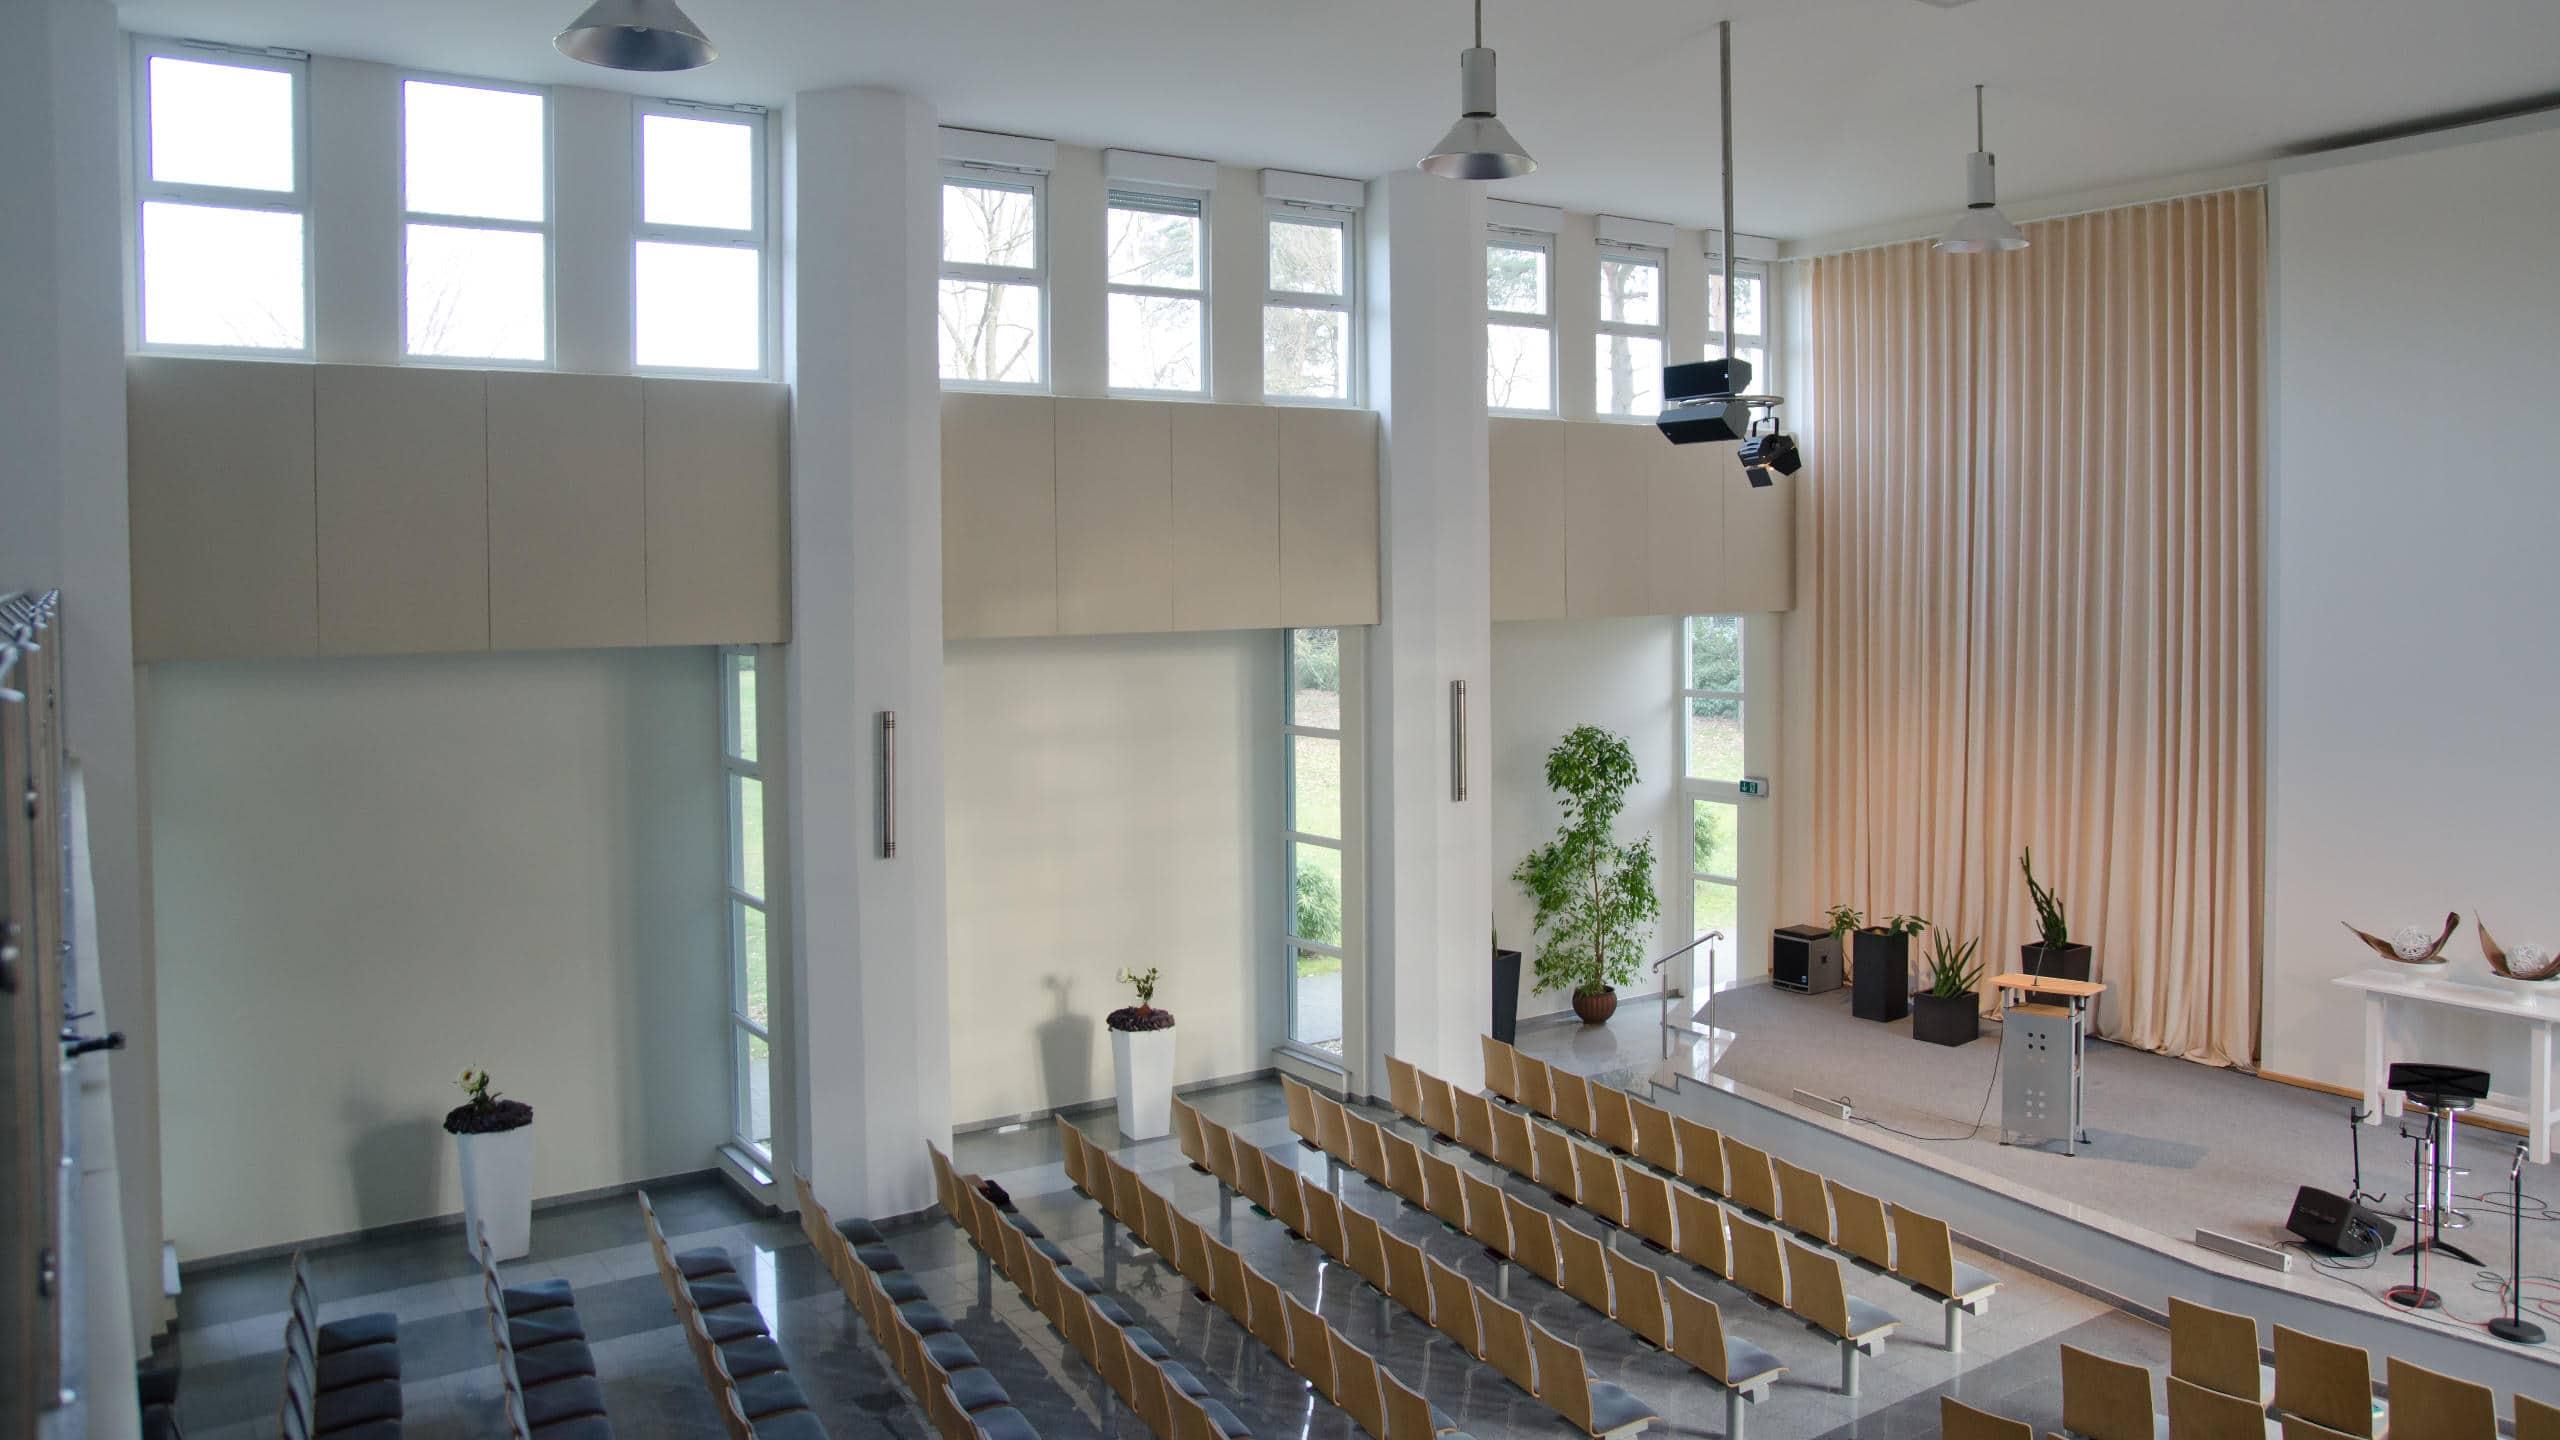 Im Wandbereich integrieren sich auf Maß gefertigte Schallabsorber vom Typ A100 perfekt in den Raum.